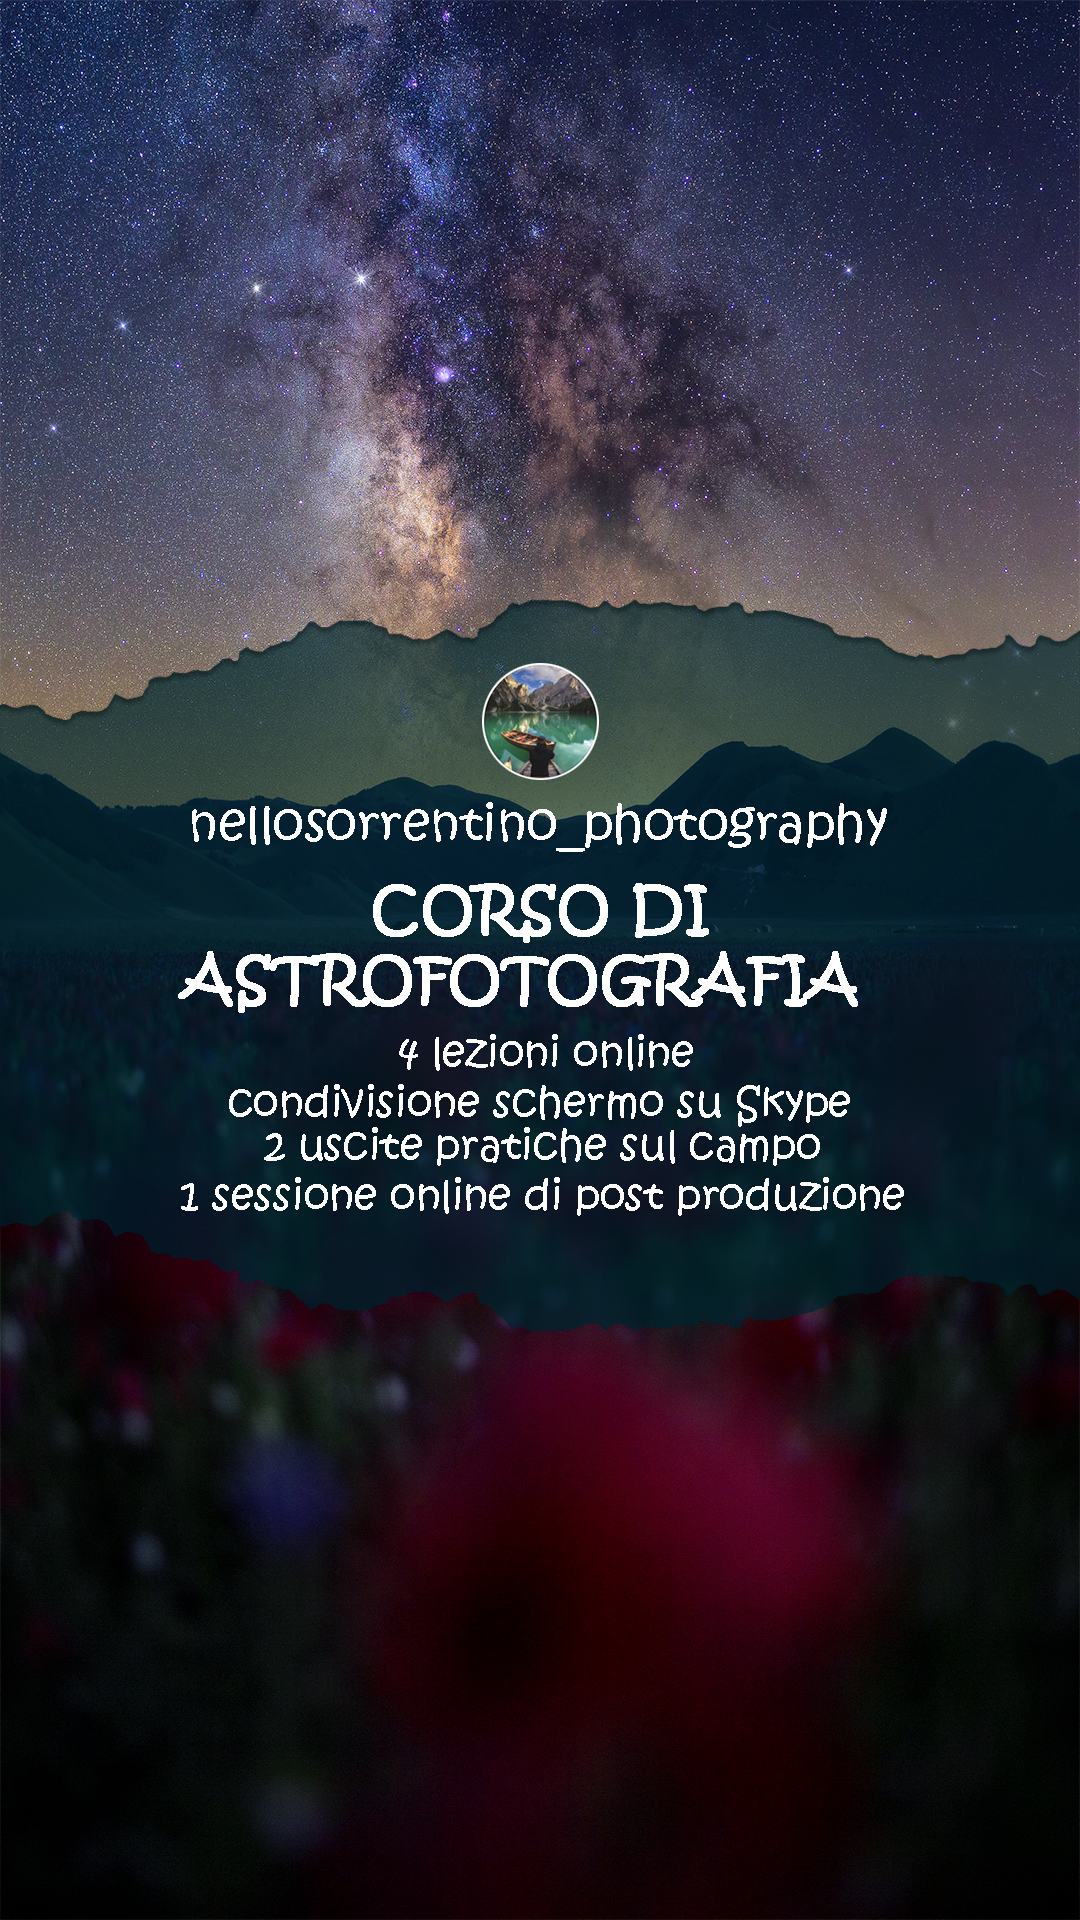 astrofotgrafia